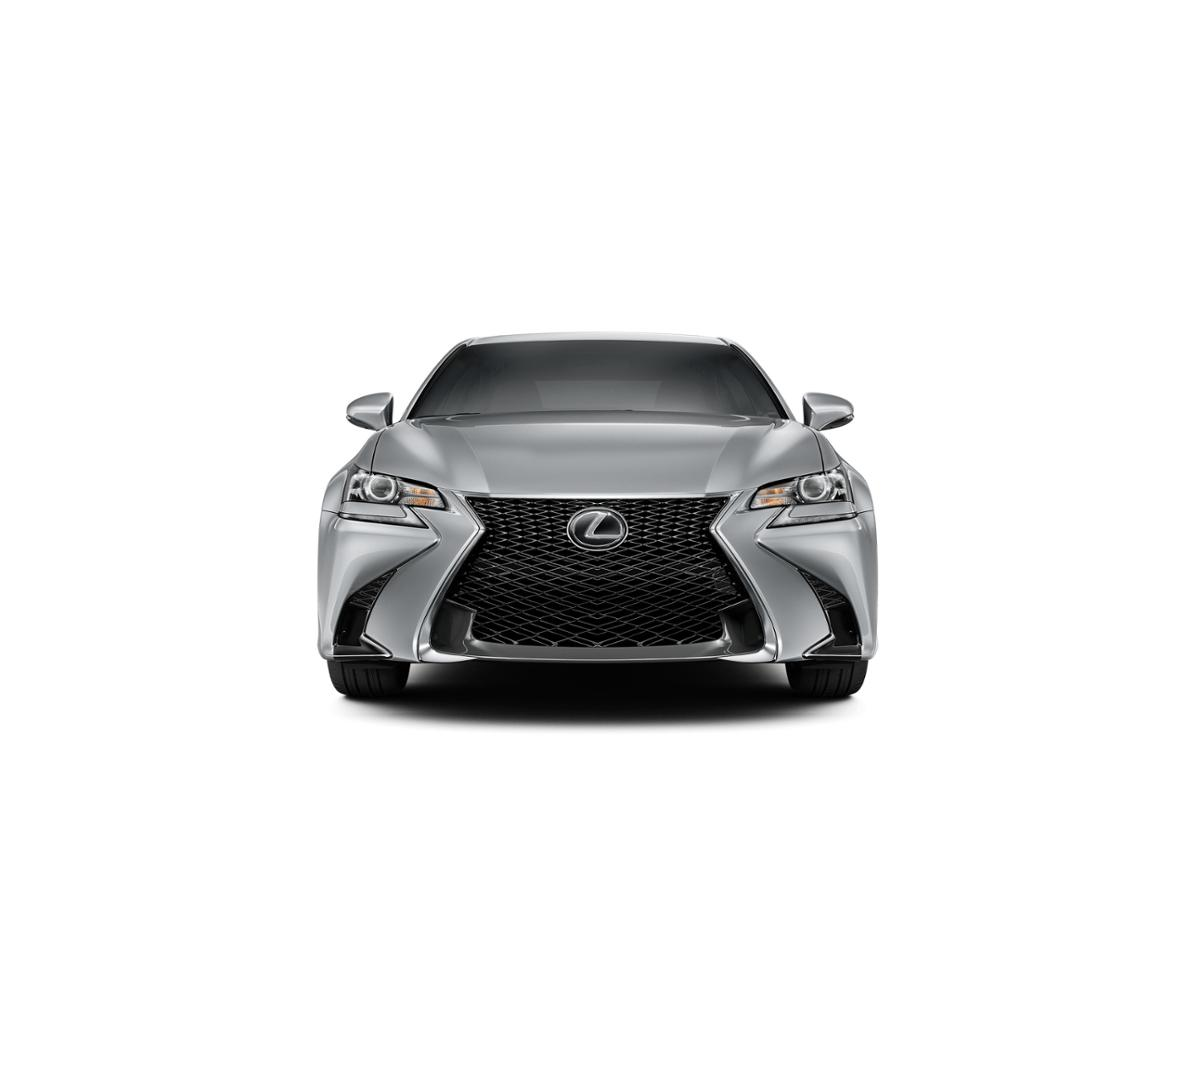 Lexus Gs Lease: 2019 Lexus GS 350 For Sale In Wayzata